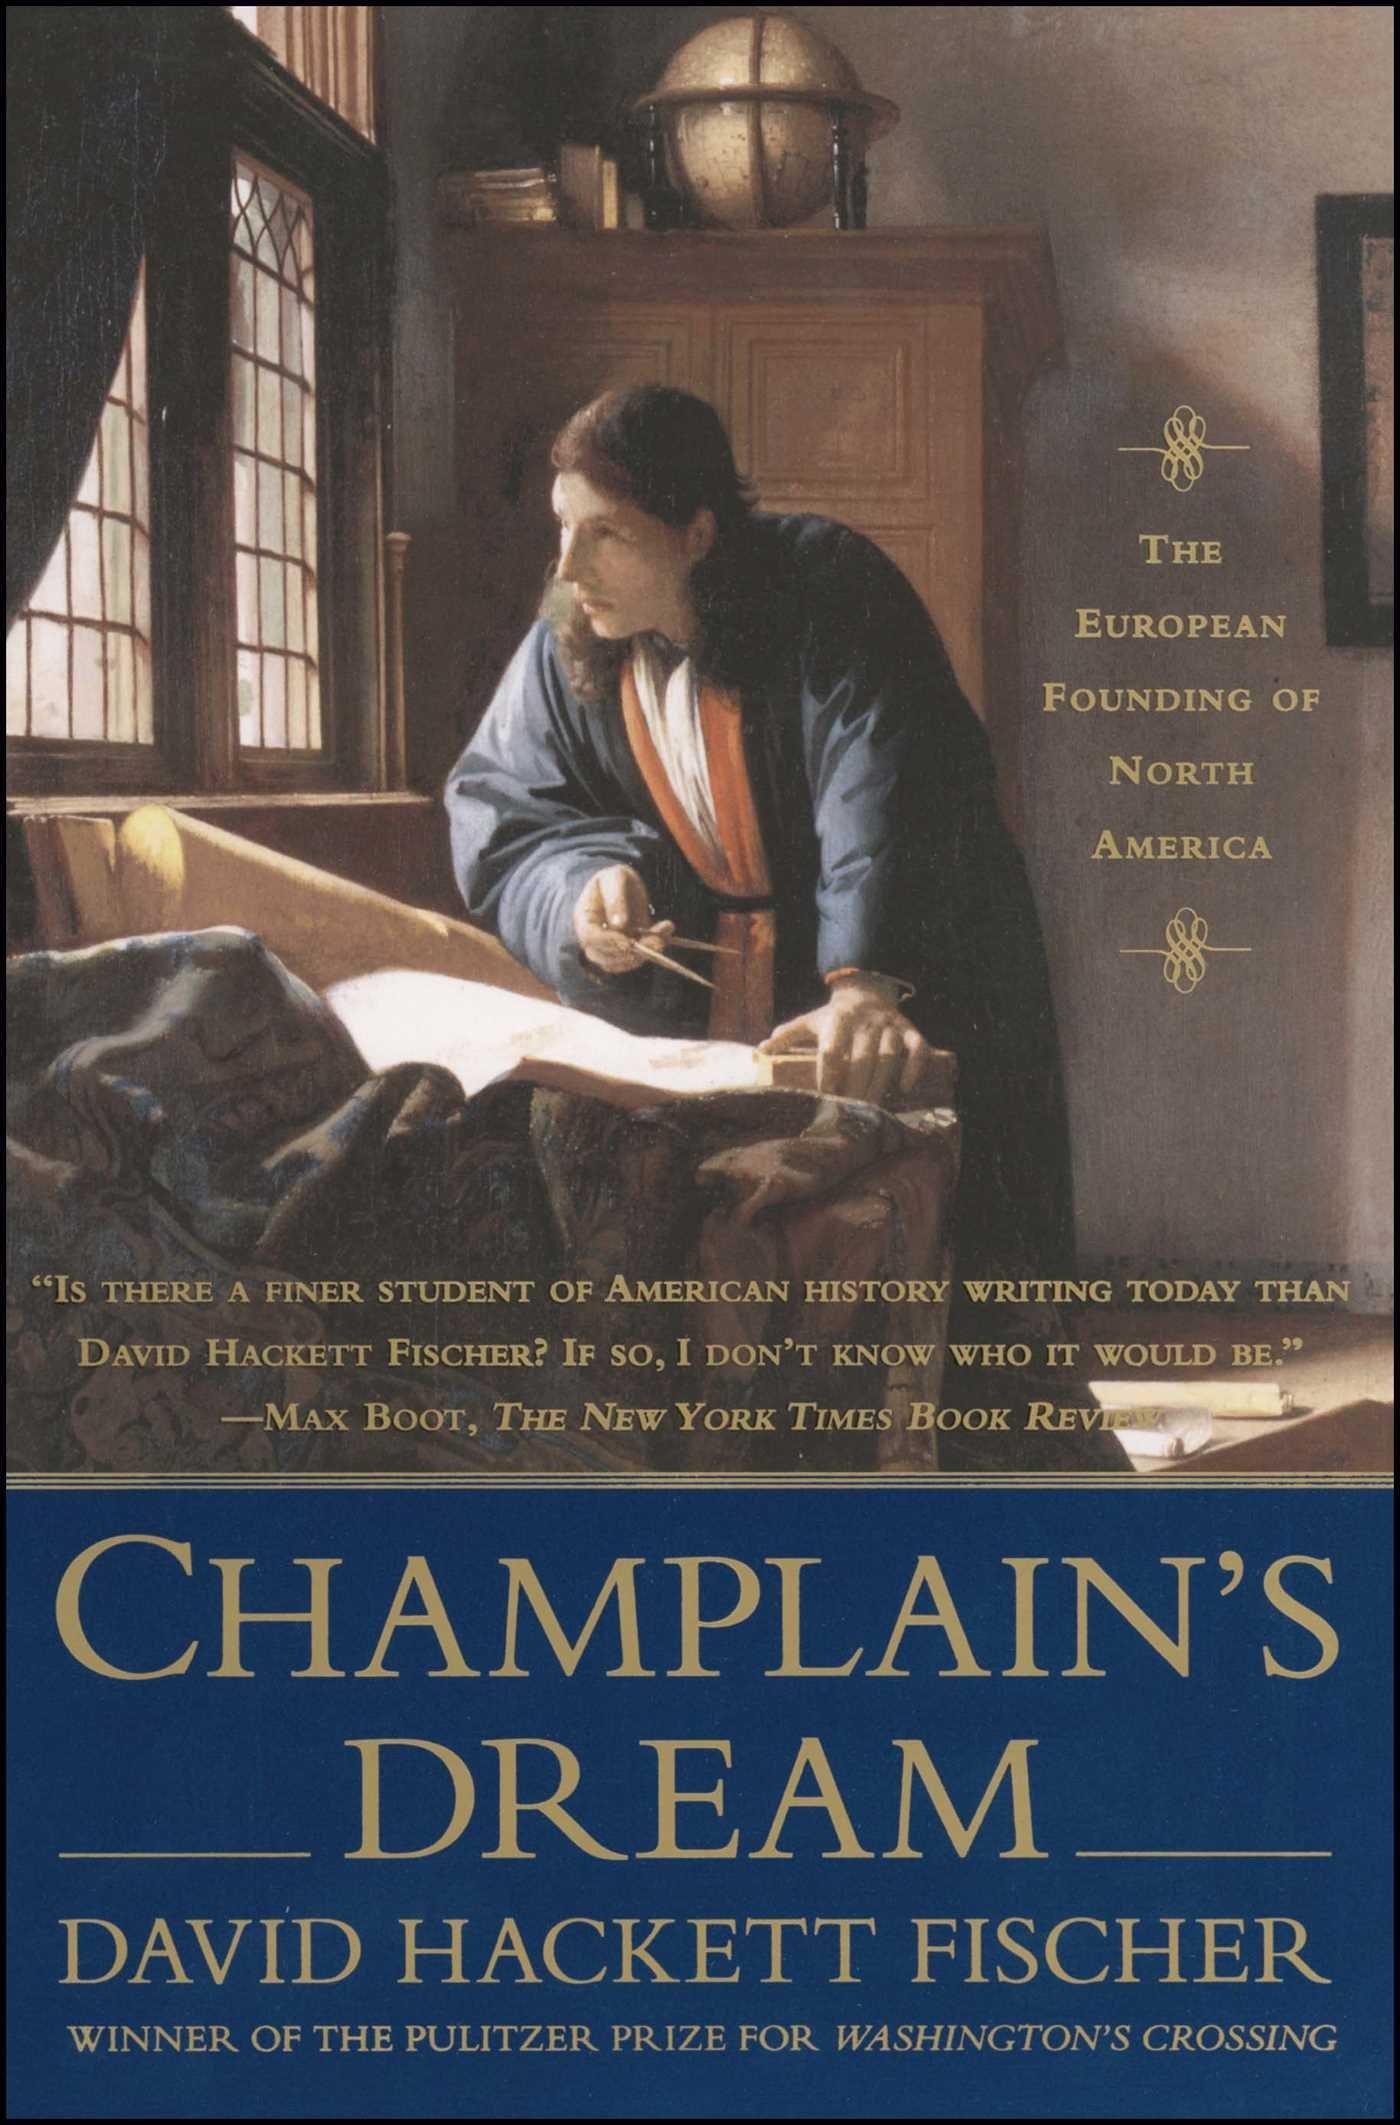 Champlain's Dream_David Hackett Fischer